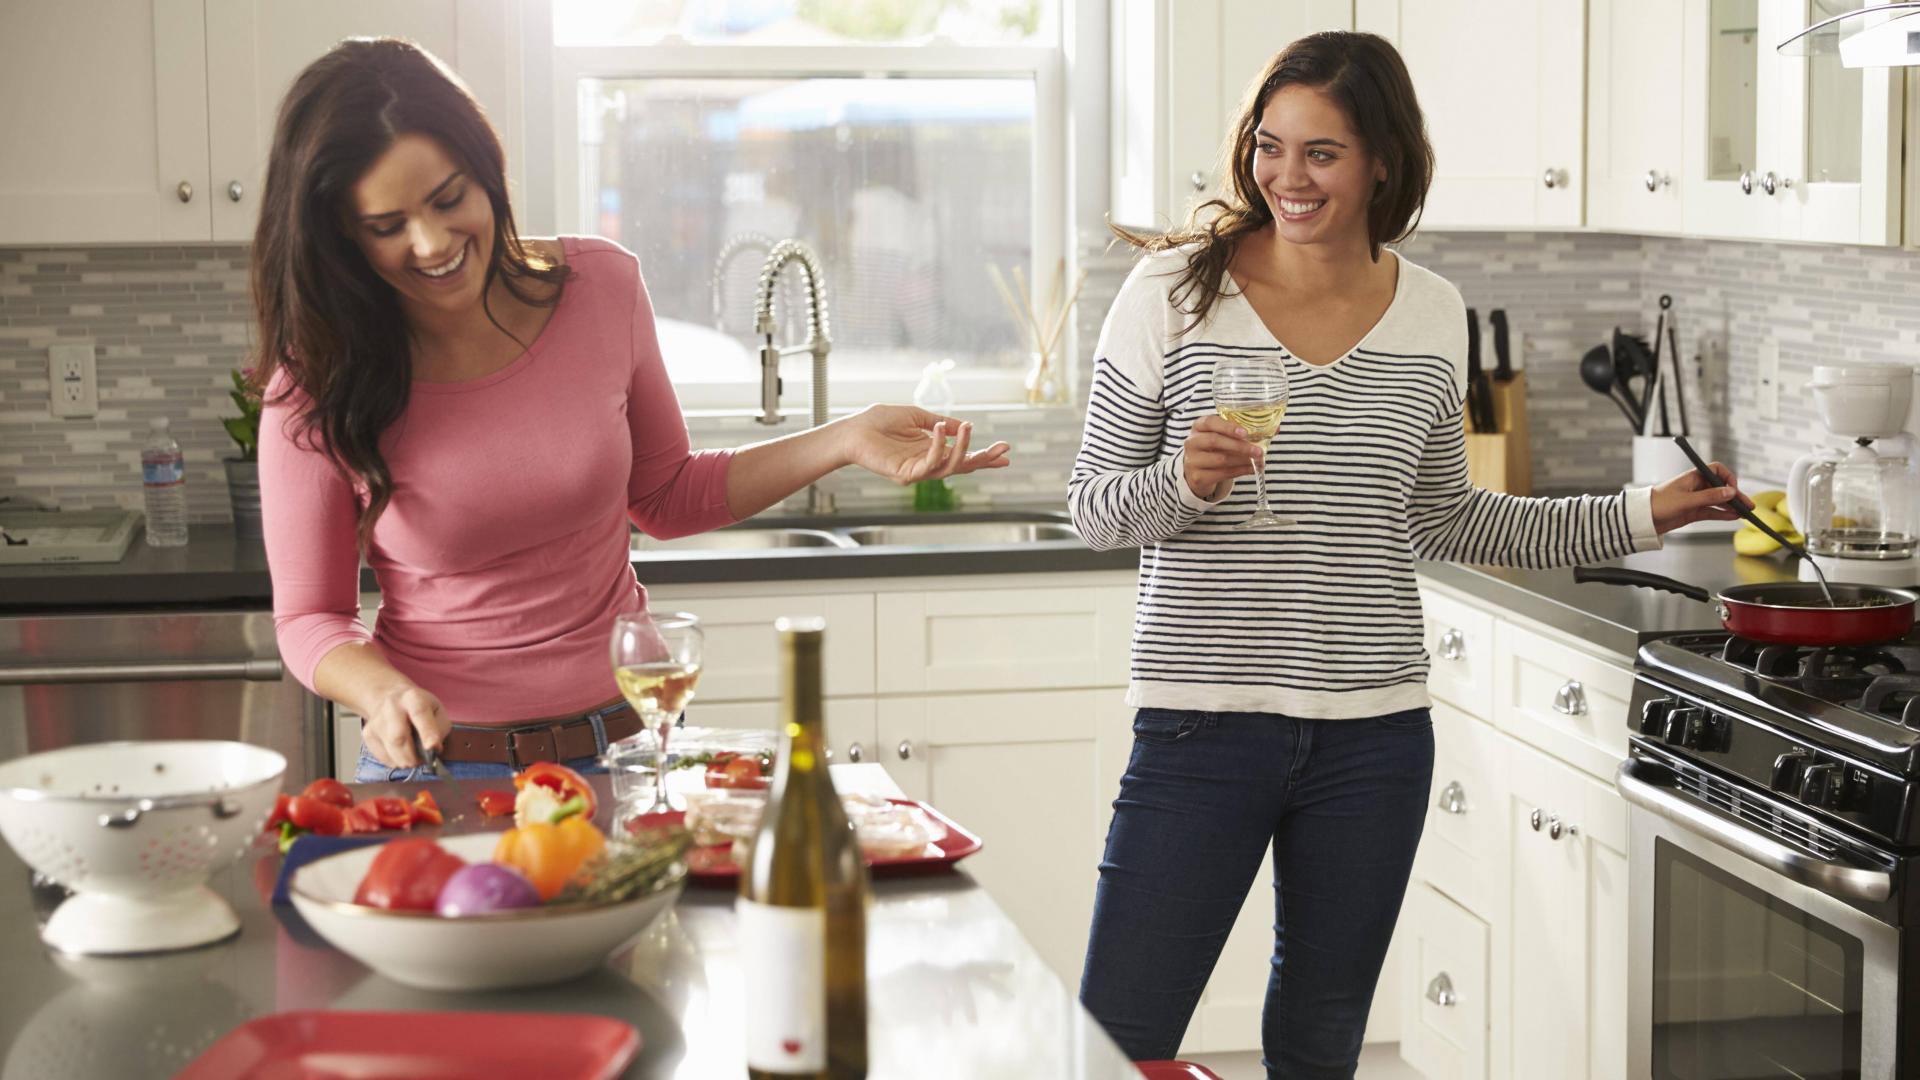 Frauen kochen zusammen und trinken Wein